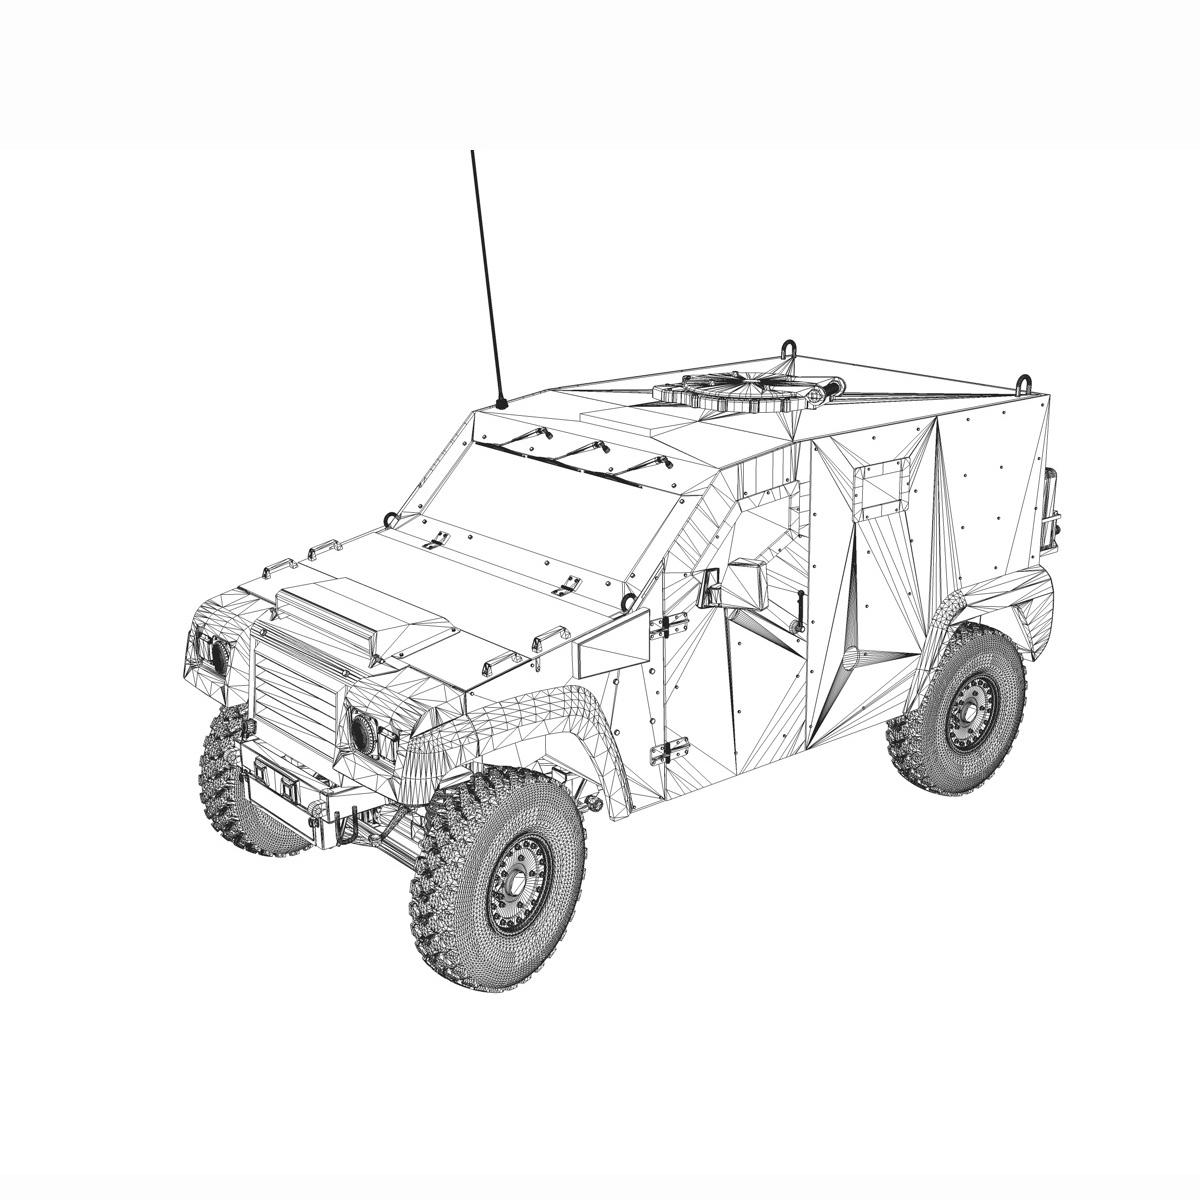 auverland panhard pvp – petit vehicule protege 3d model 3ds fbx c4d lwo obj 190133